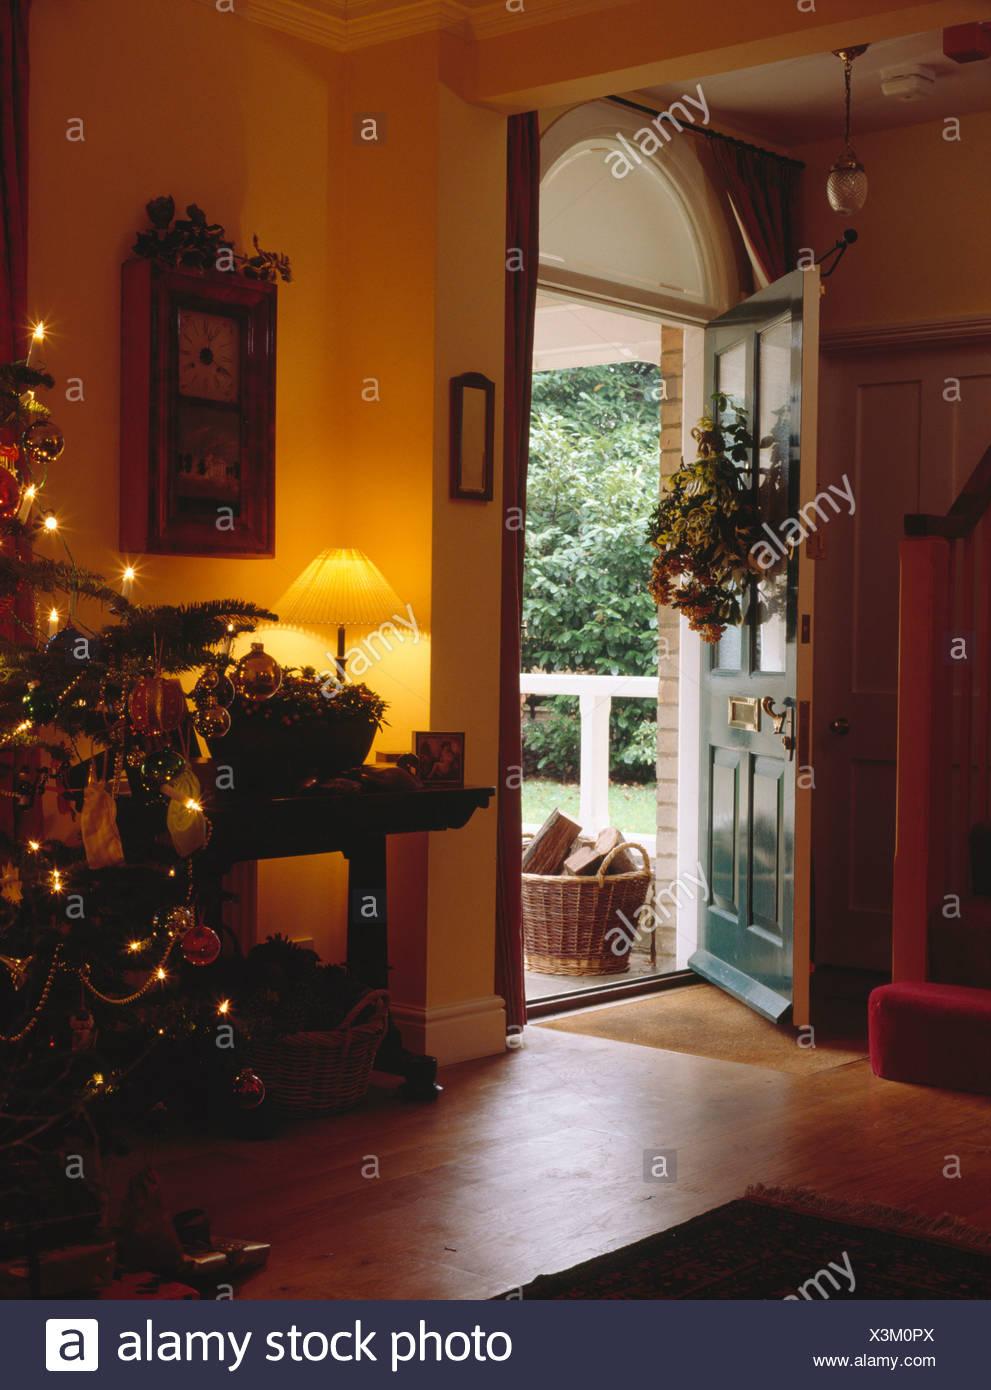 Beleuchtete Lampe am Tisch in Land Halle mit Weihnachtsbaum und ...